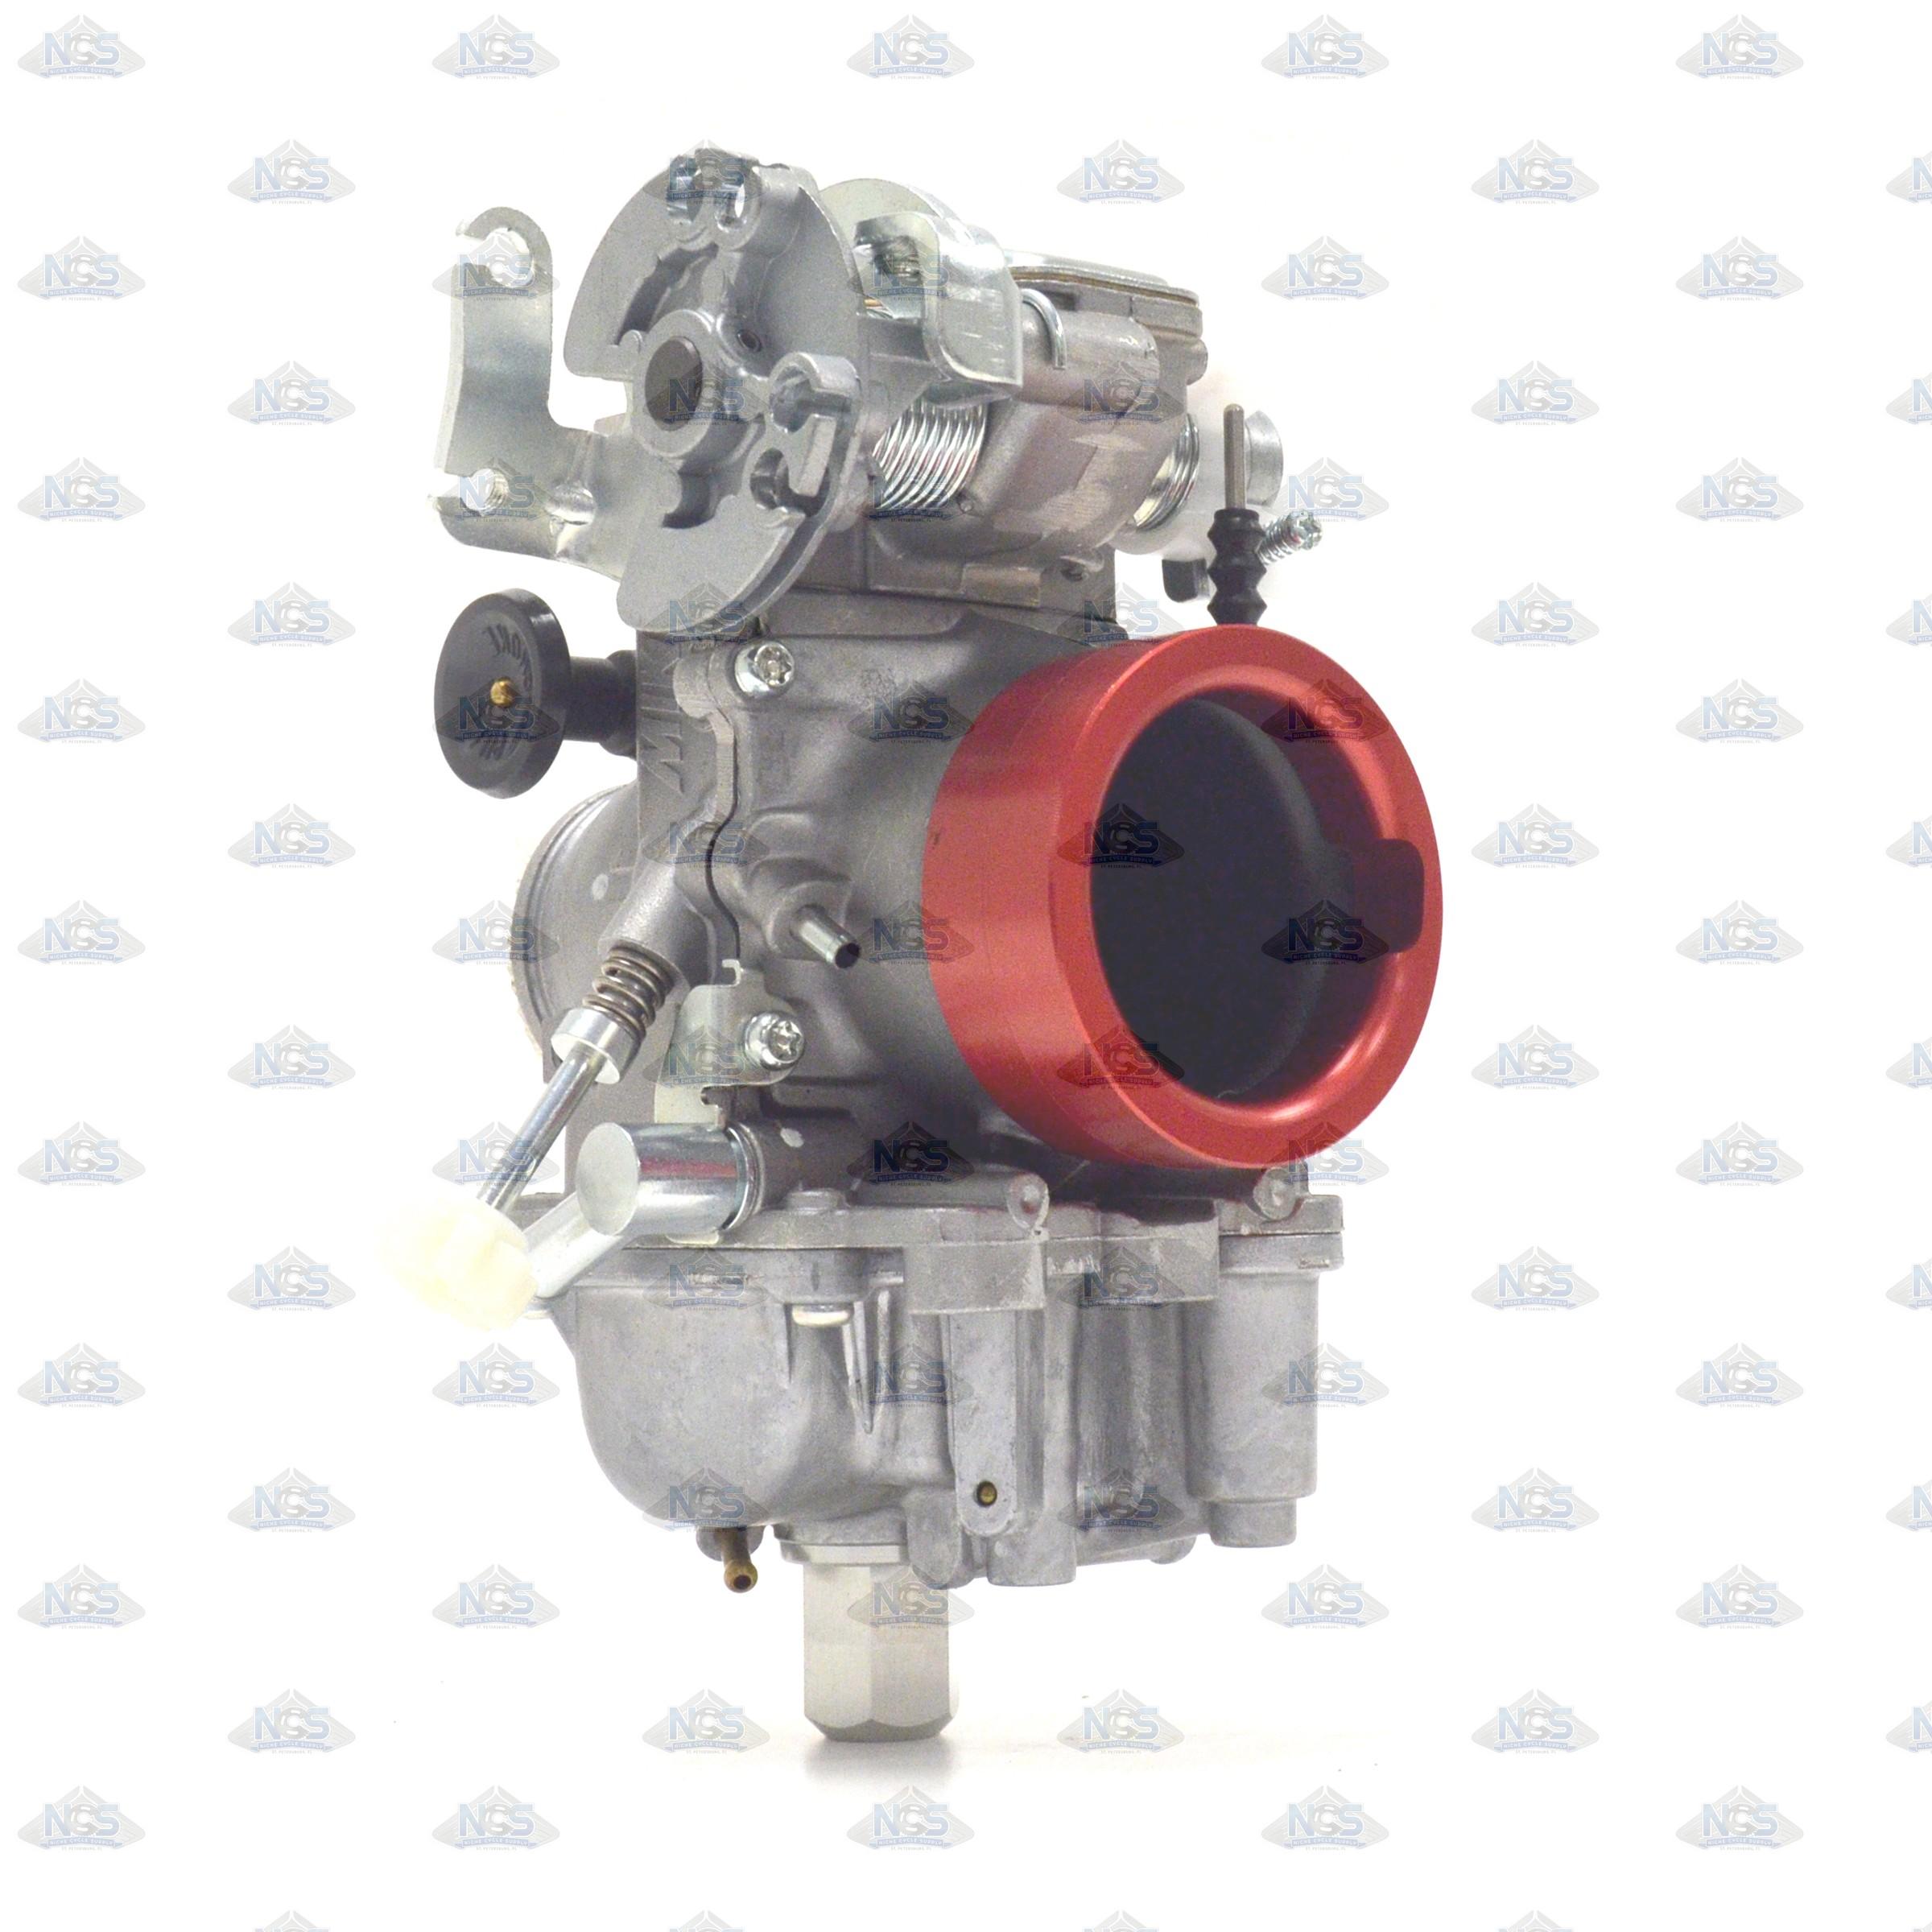 Mikuni Tm 36 40 Carburetor Rebuild Kit Tm36 Tm40 Hs 40